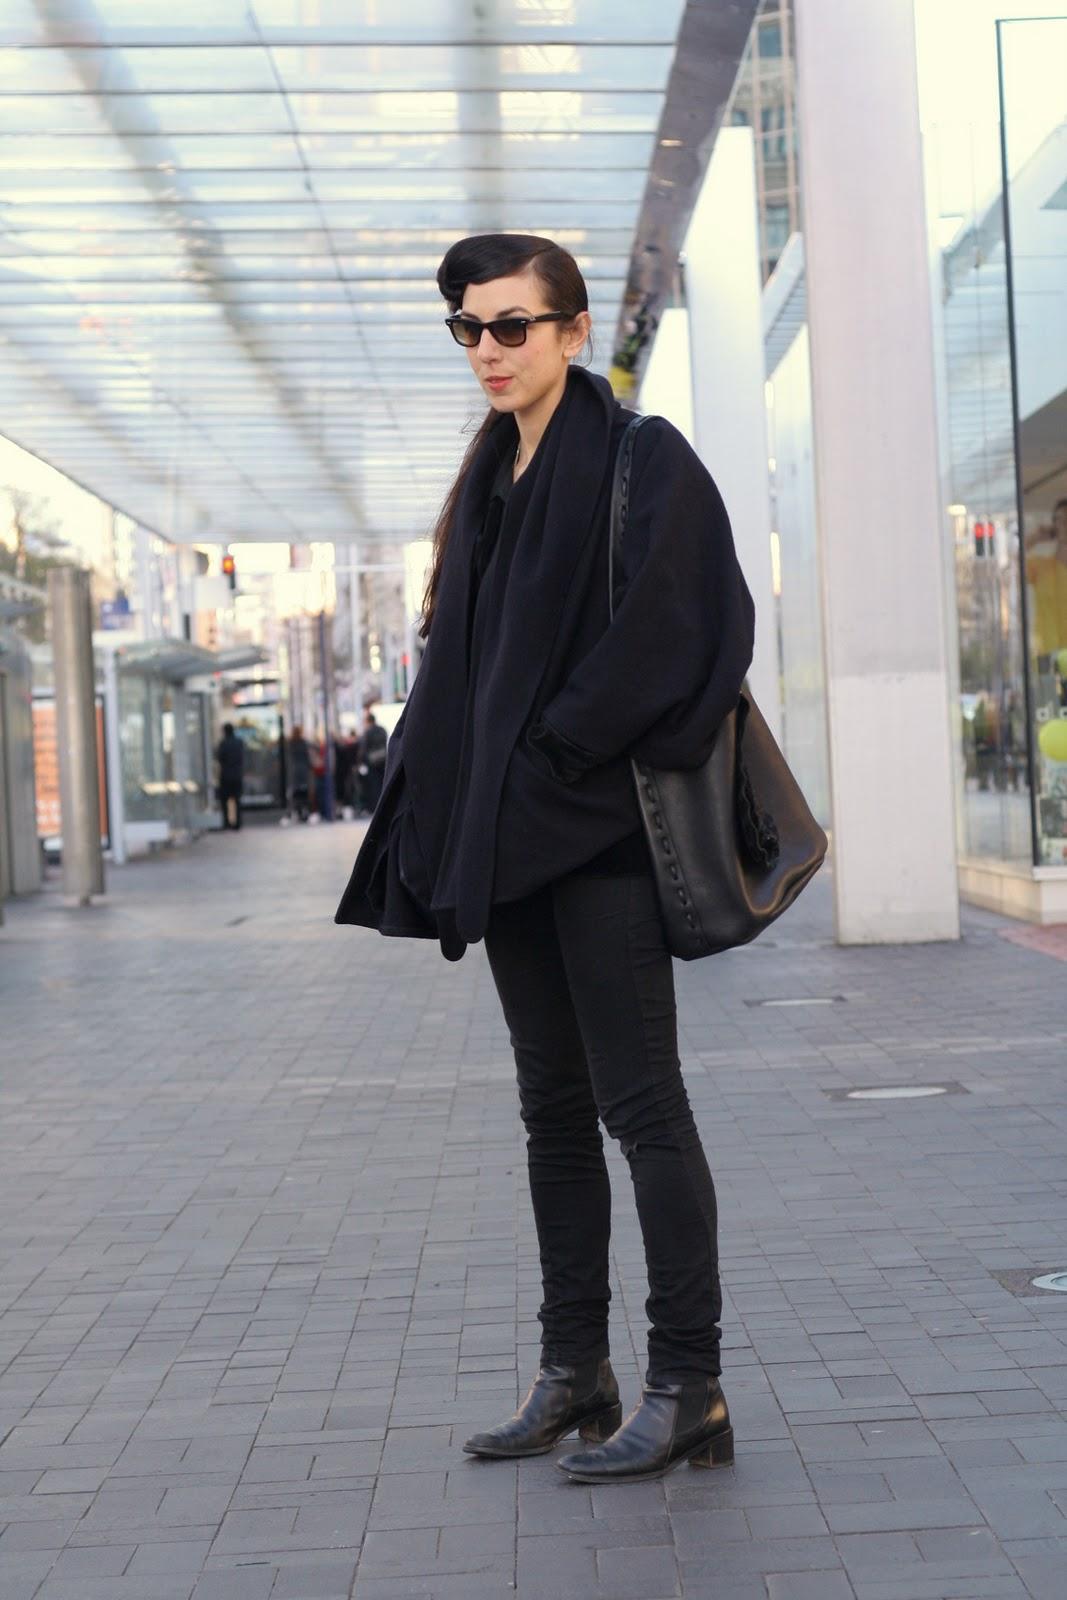 Foureyes New Zealand Street Style Fashion Blog Erin